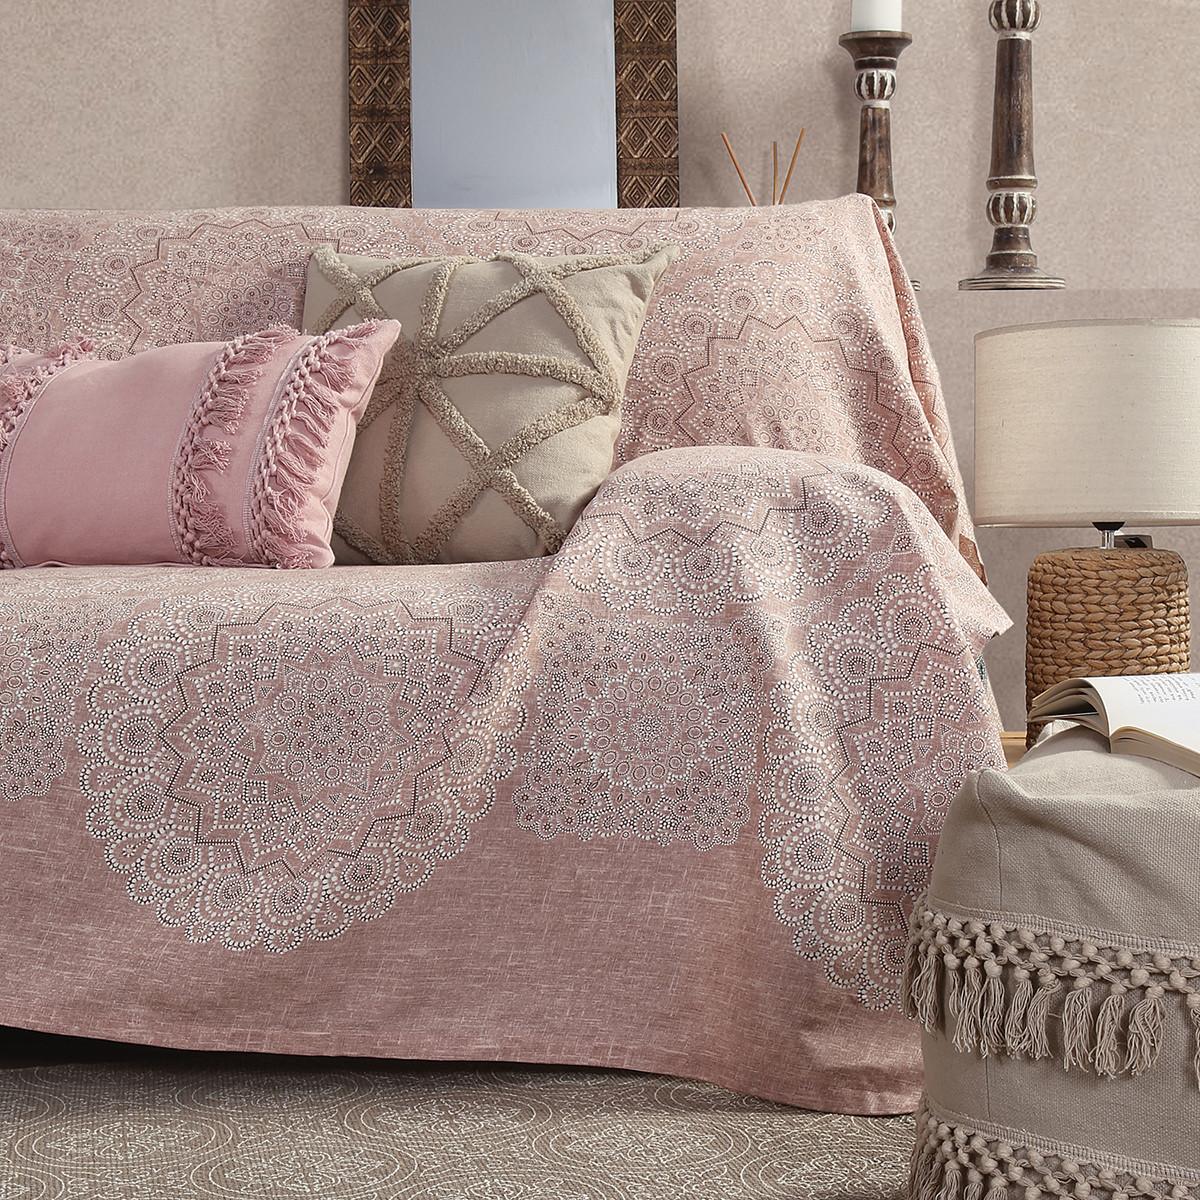 Ριχτάρι/Κουβερτόριο (180×250) Nef-Nef Bed&Sofa Dantelle Terra